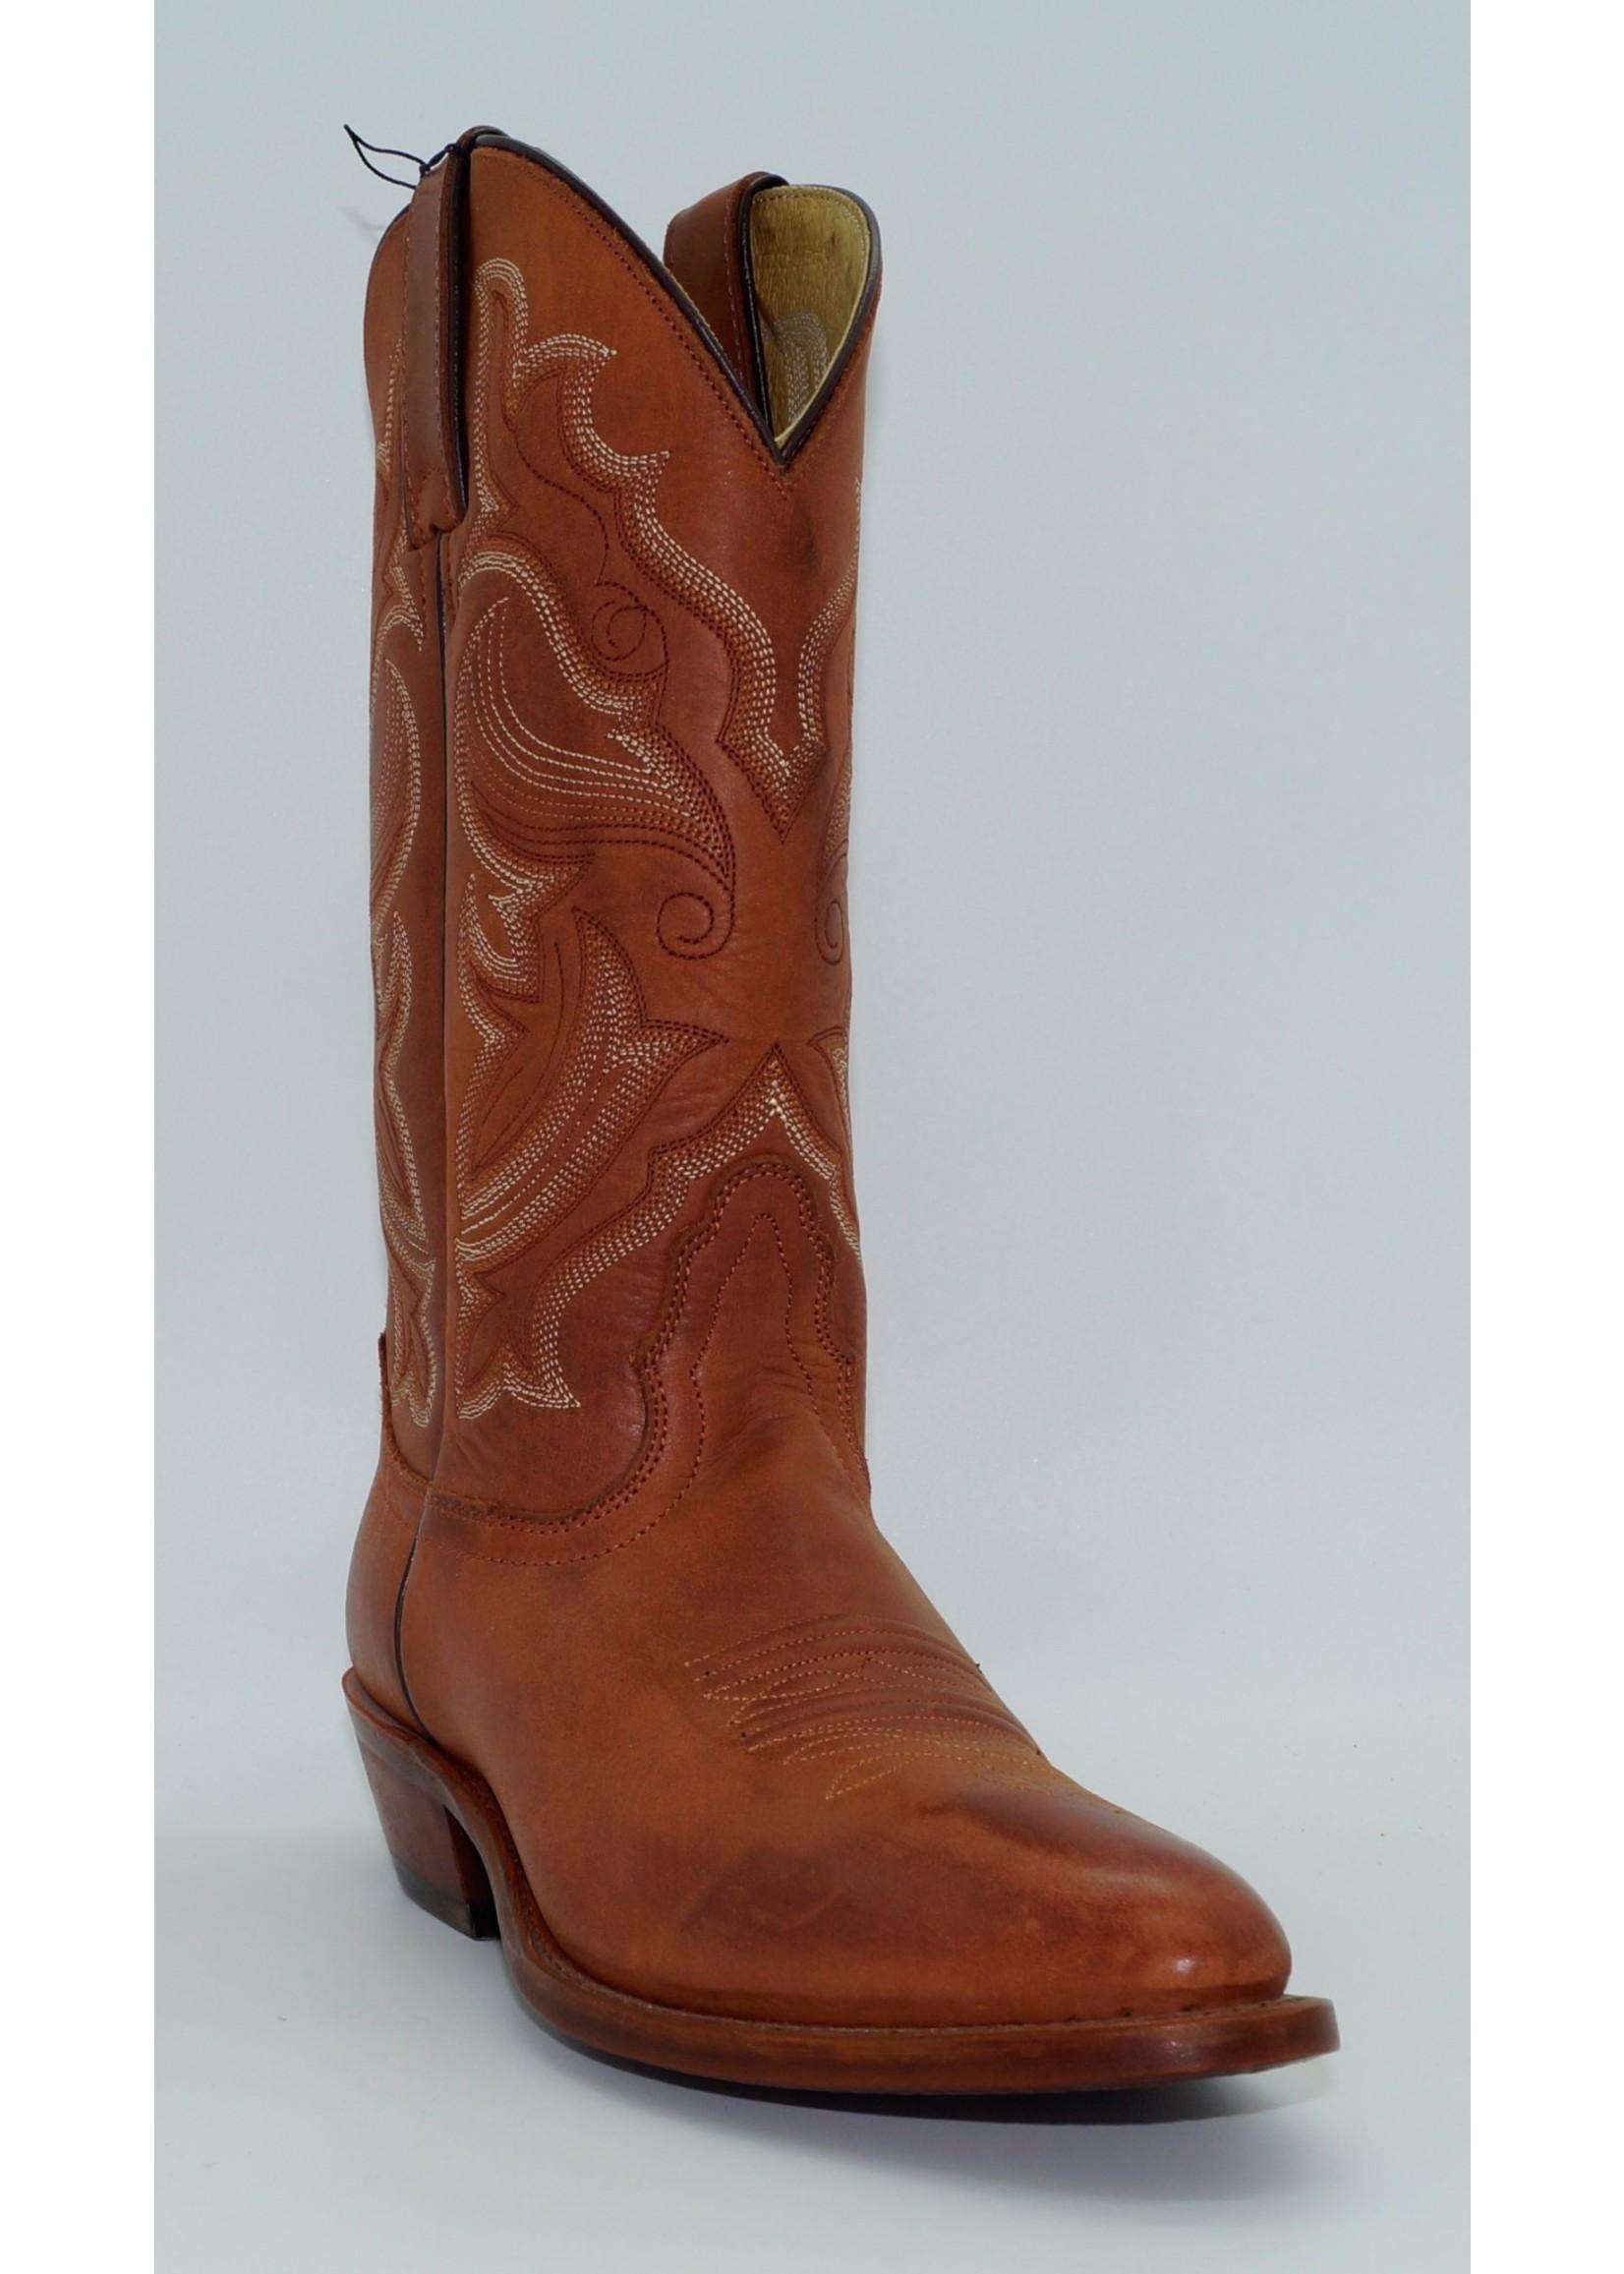 Nocona Women's Brown Western Boots NL4032